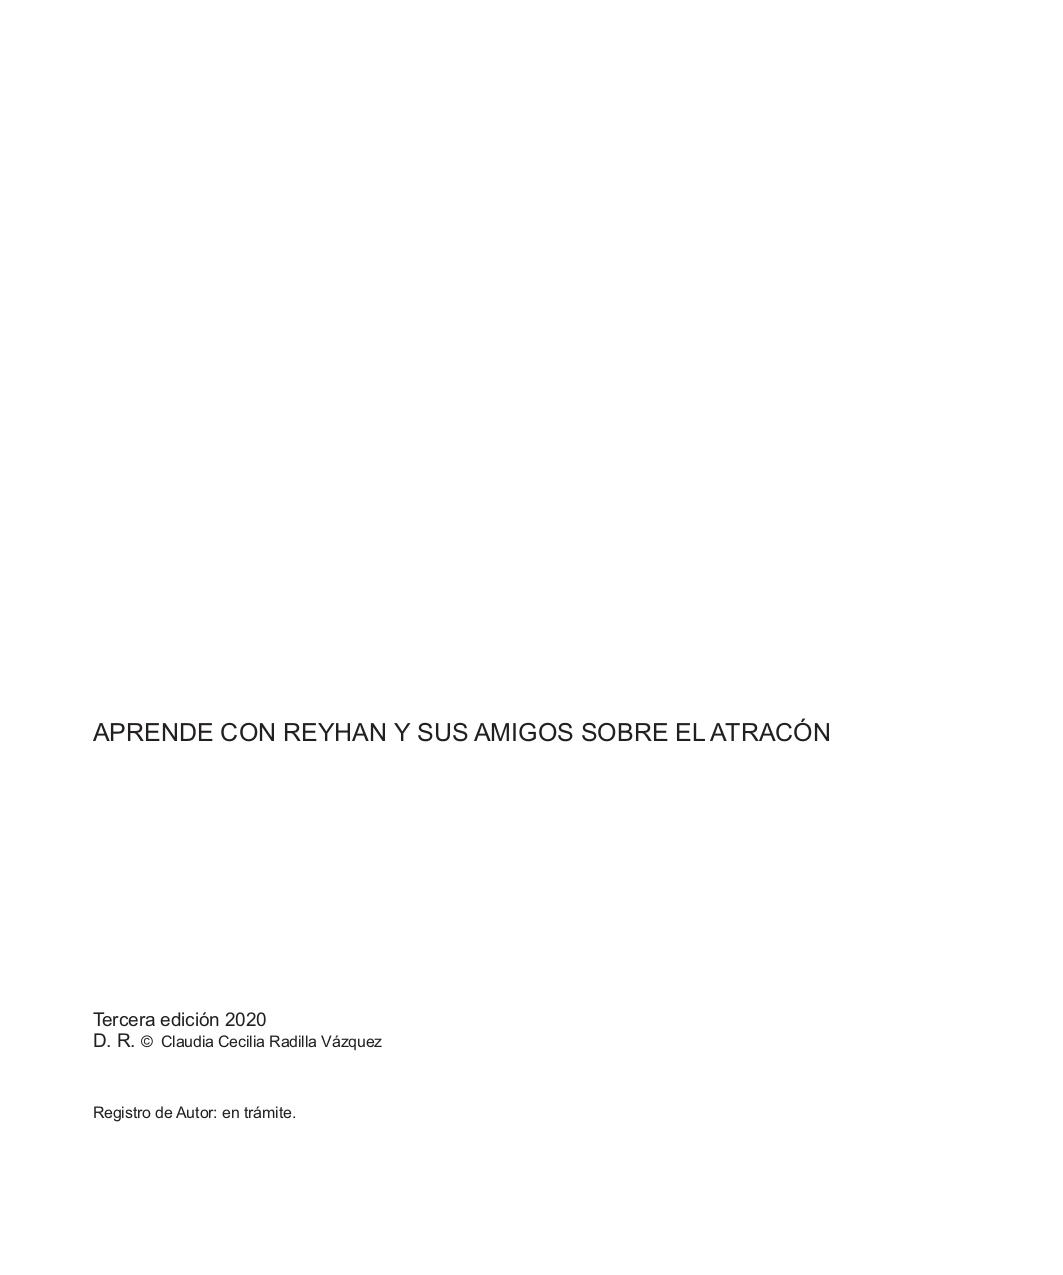 Atracon Reyhan digital_page-0003